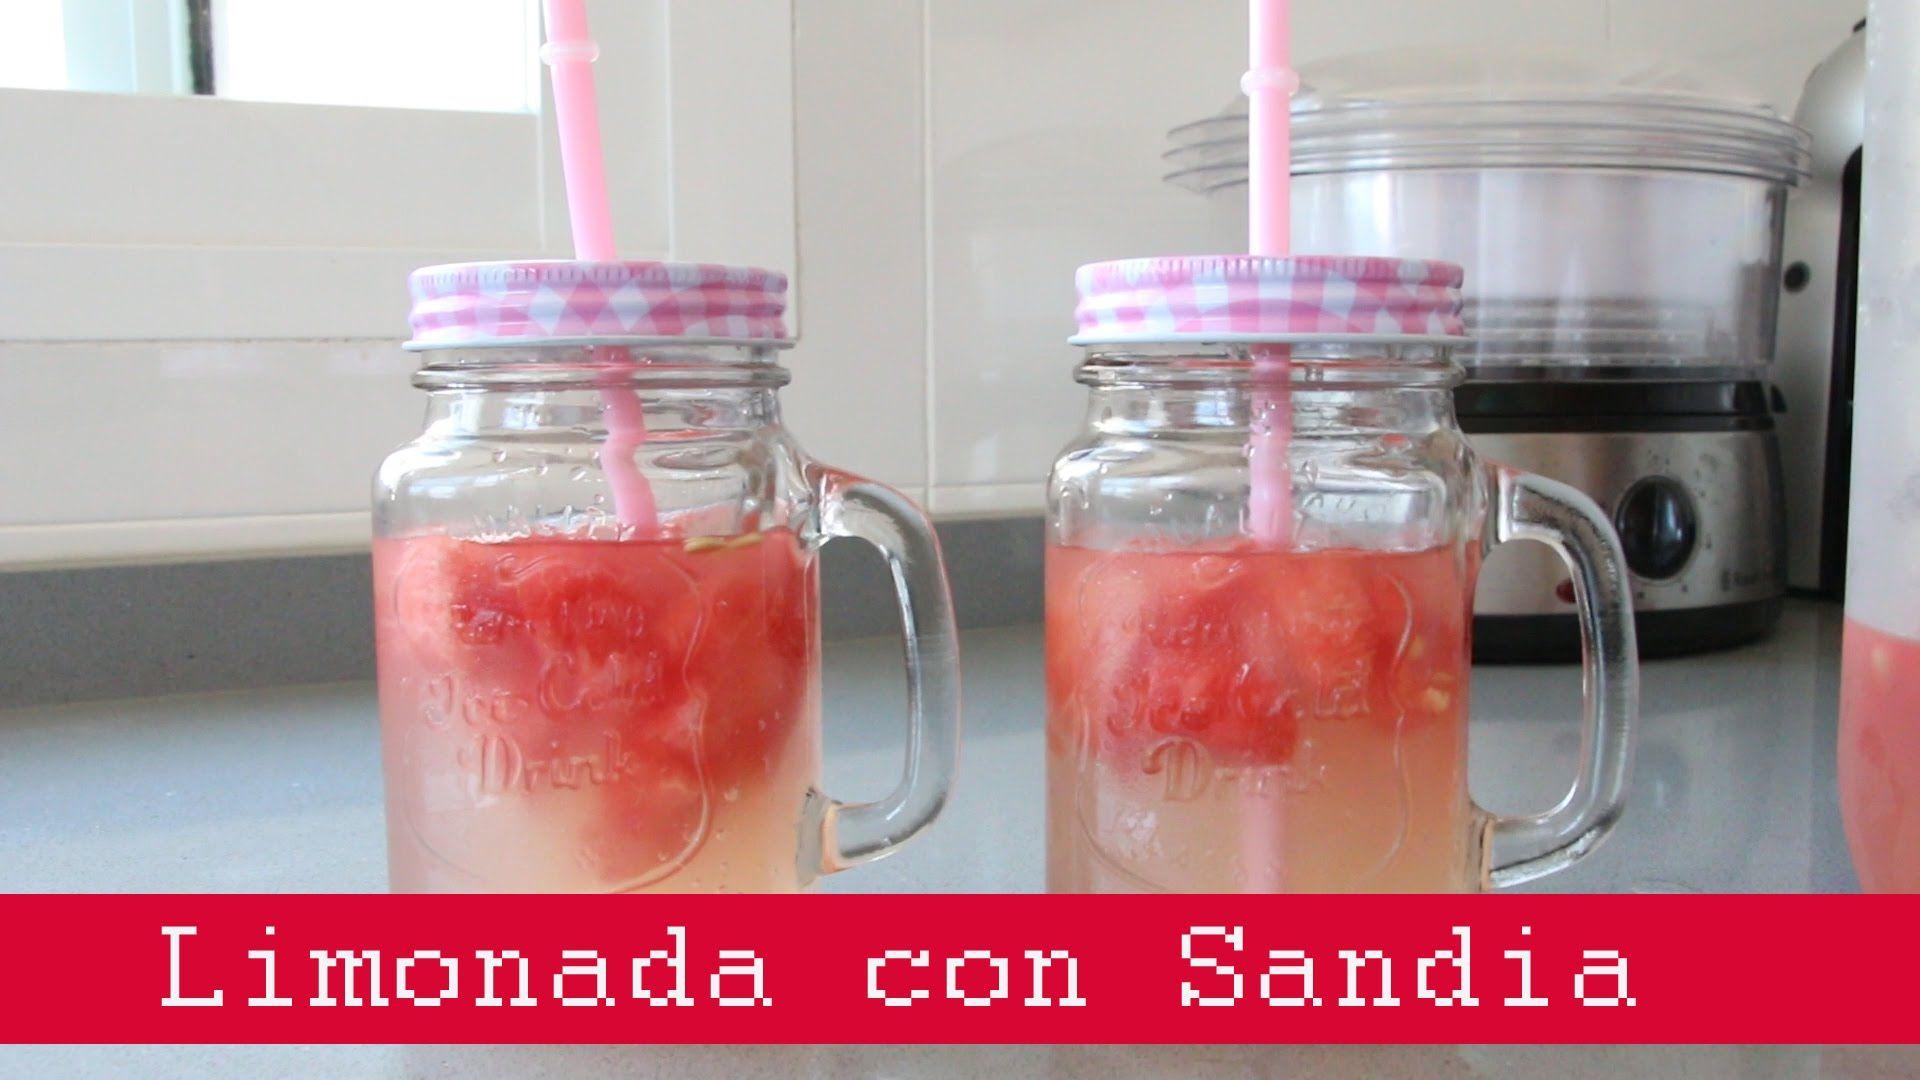 limonada con sandia